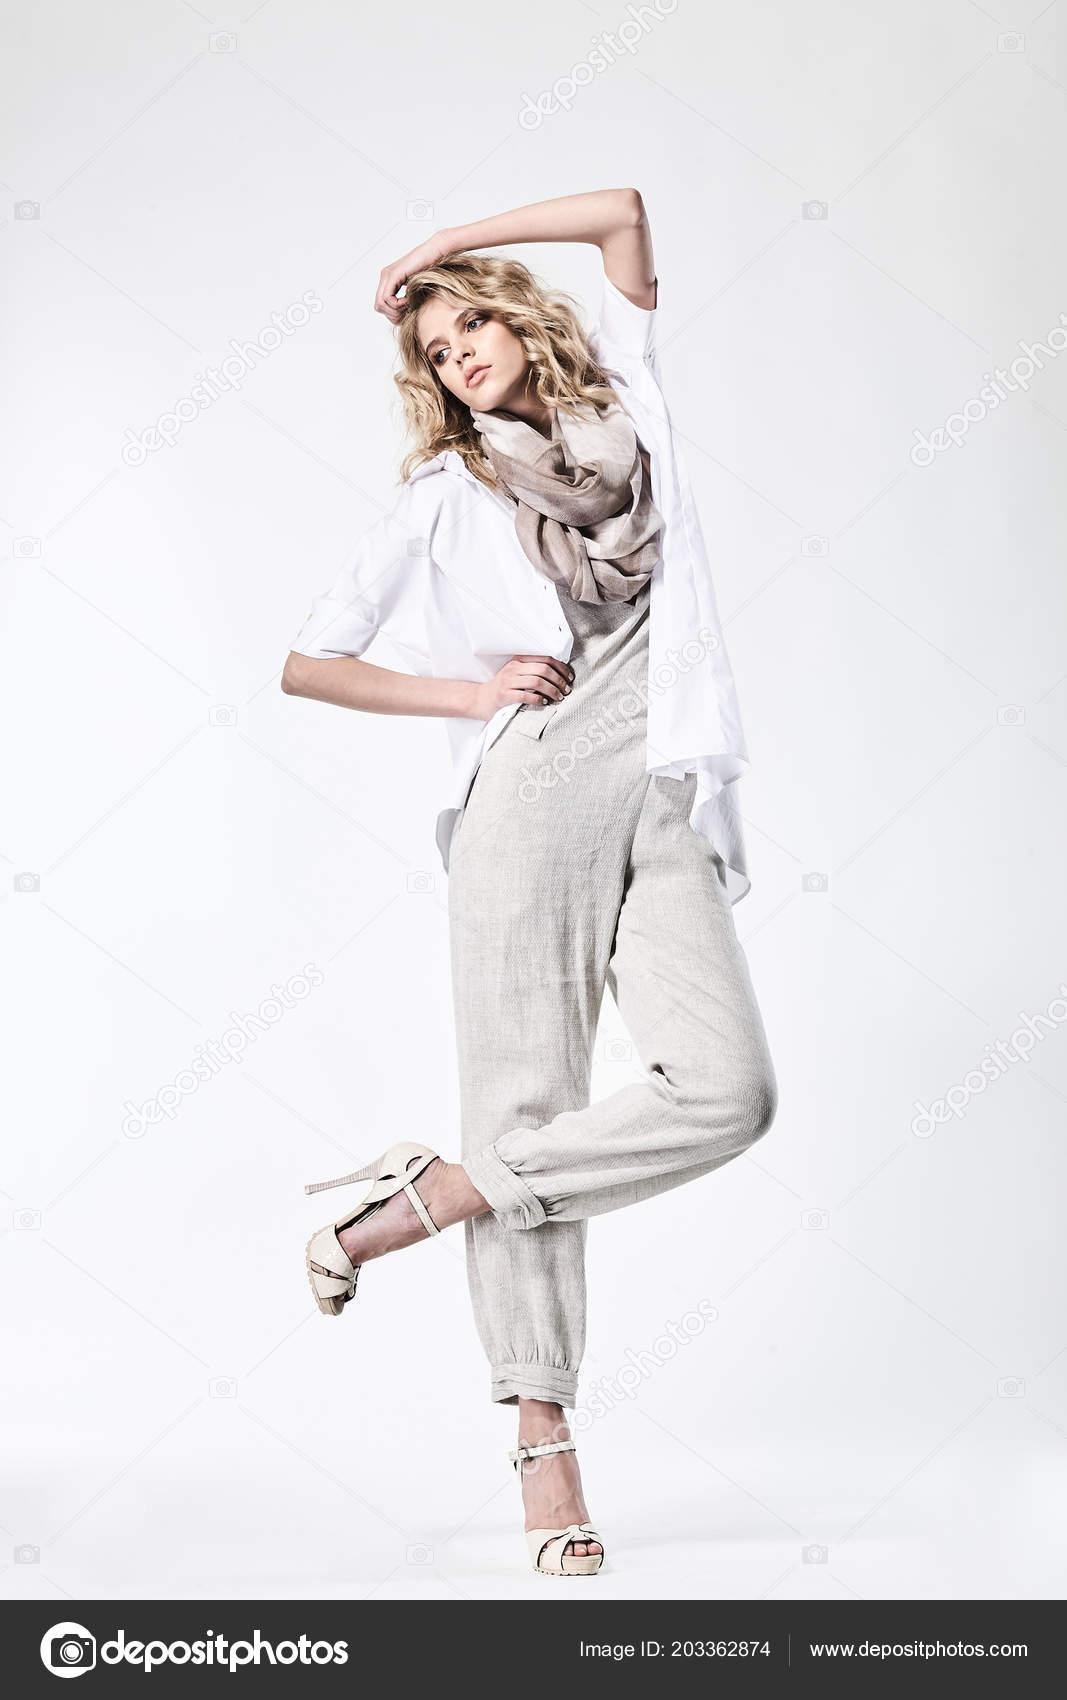 b091c9592447 Retrato de una modelo hermosa chica en ropa en un fondo blanco ...